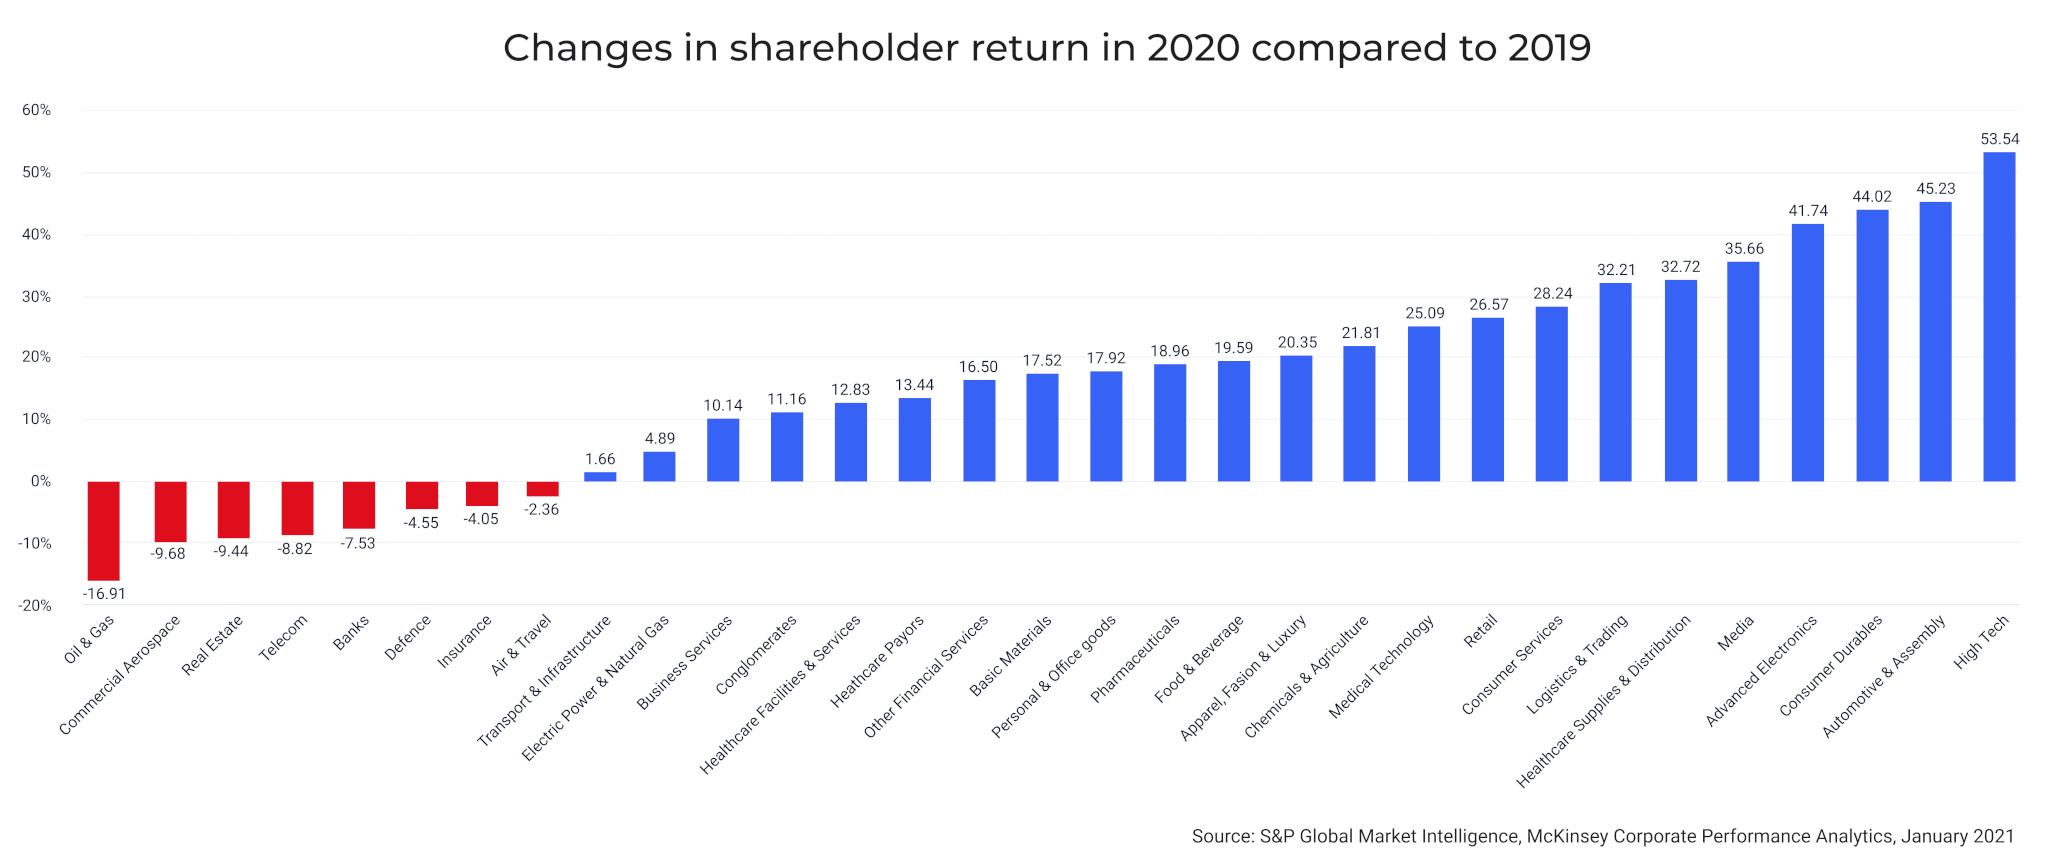 Shareholder return 2020